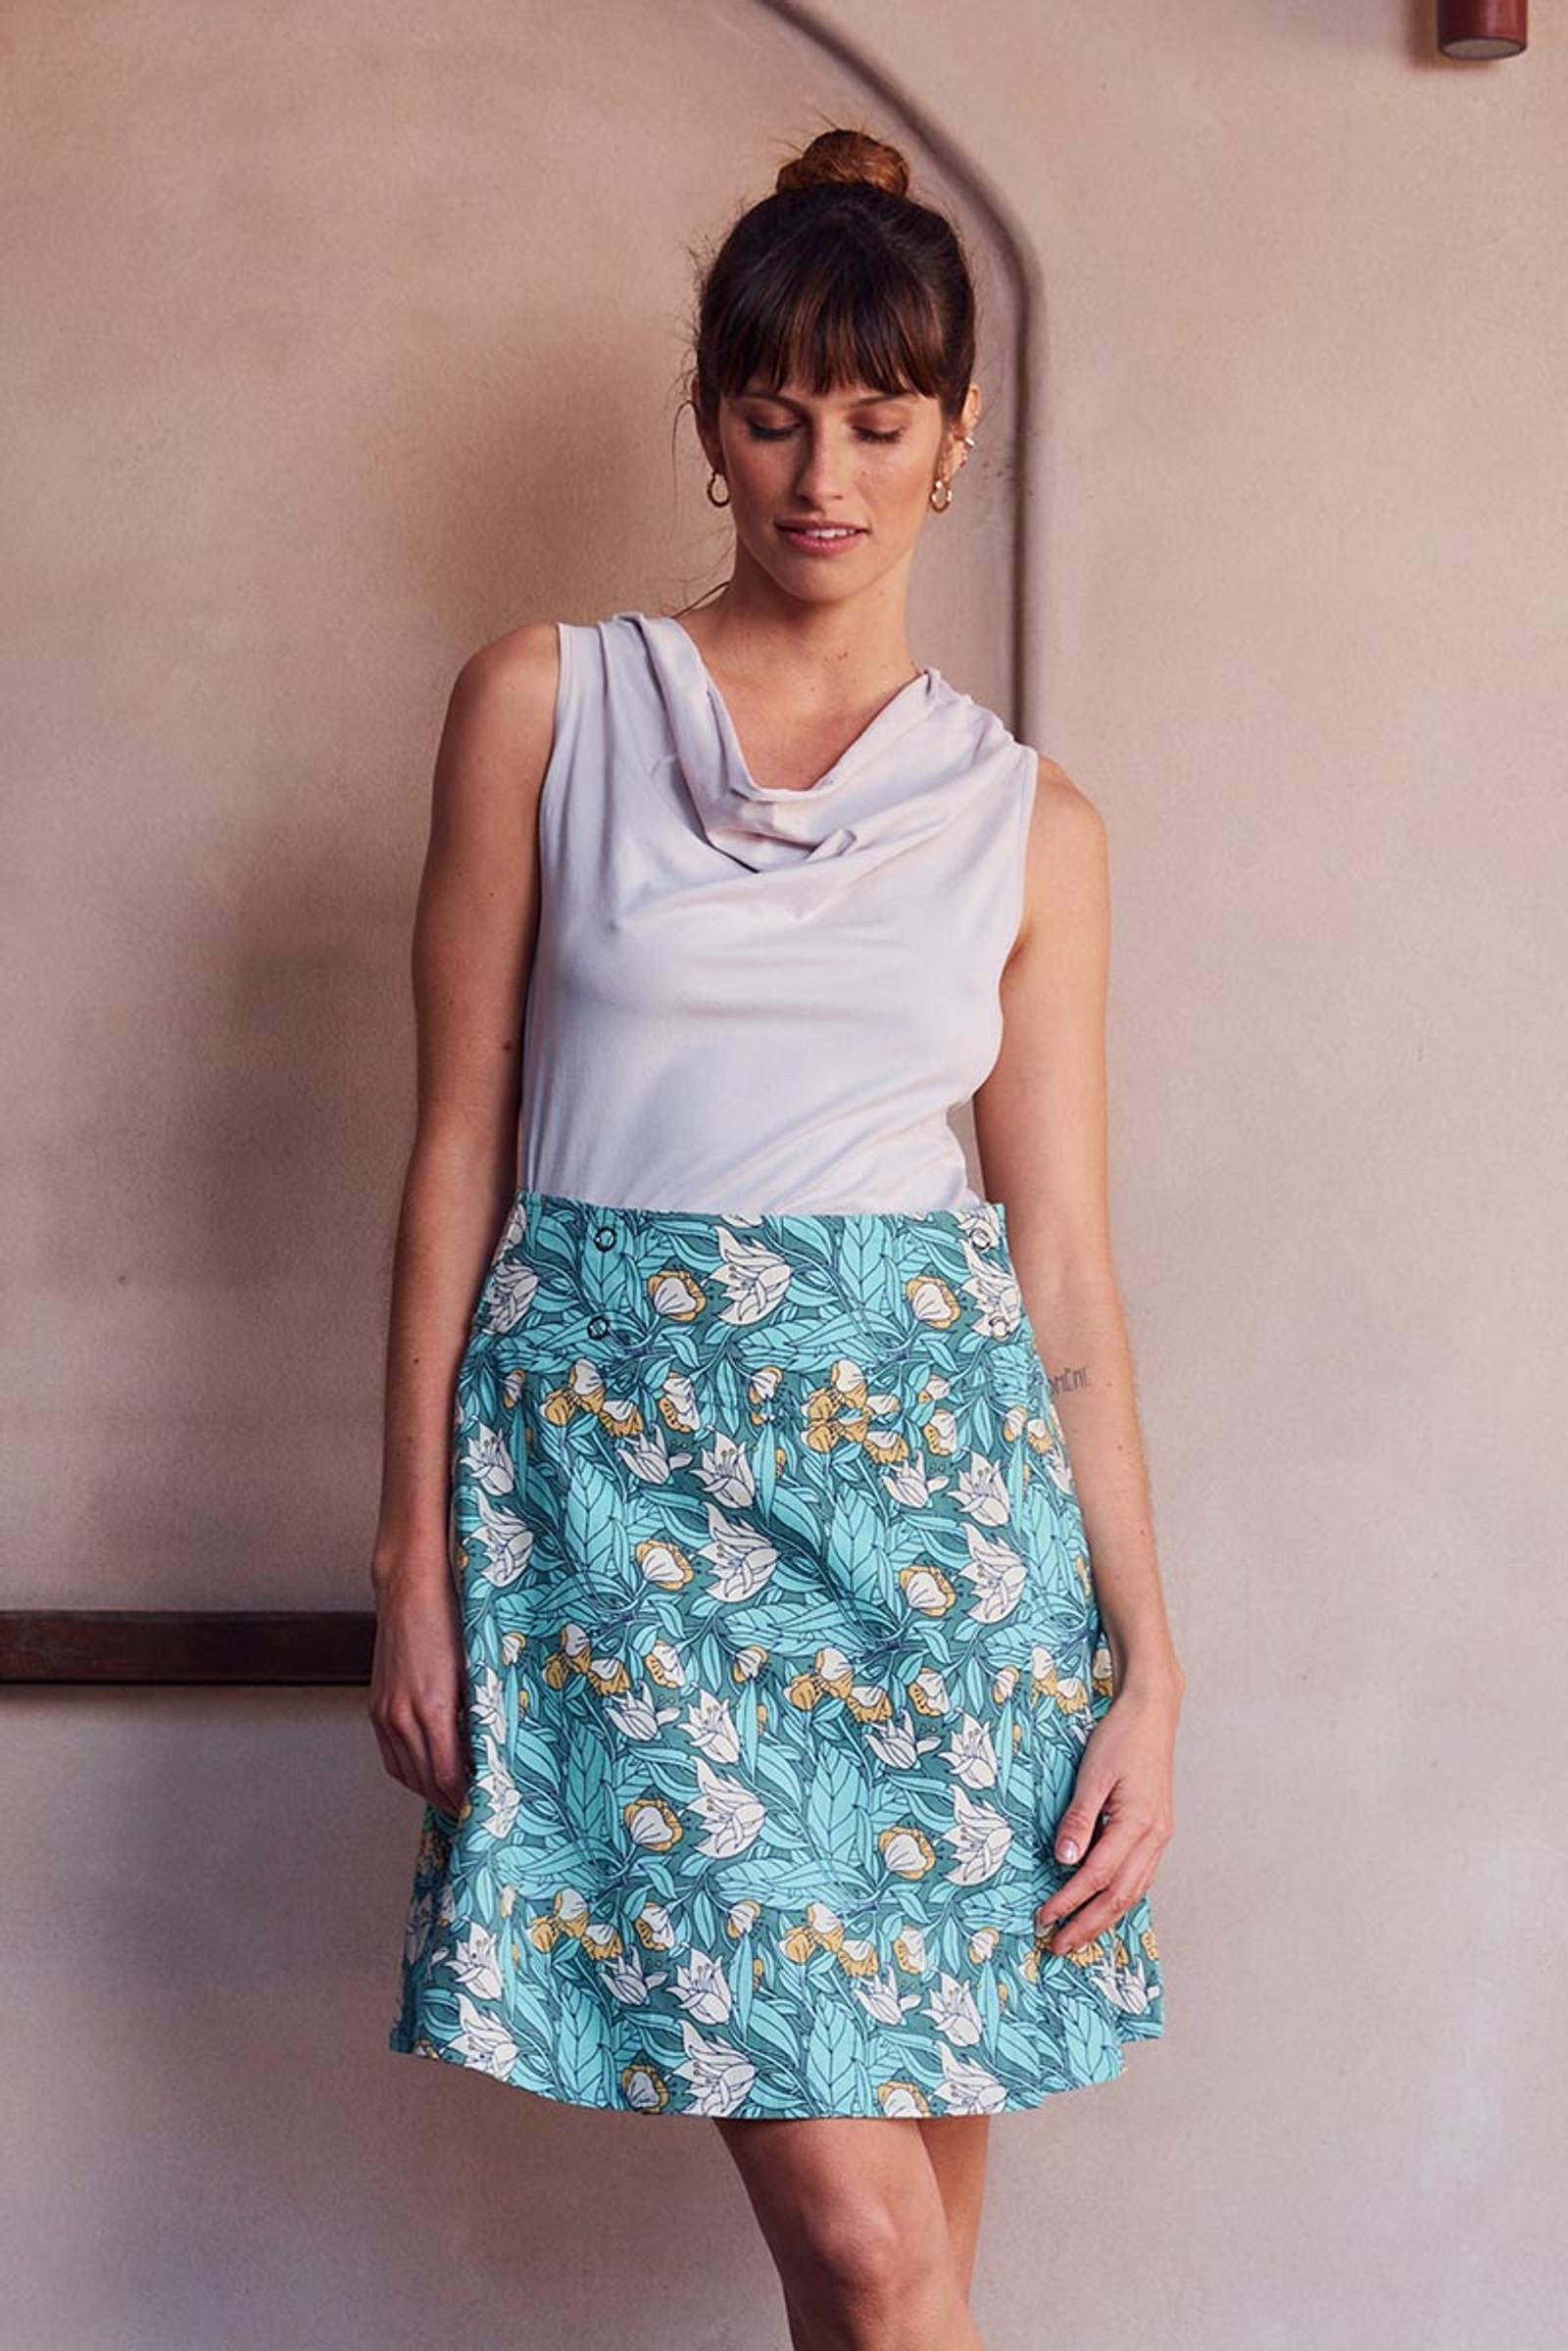 Chameleon Reversible Skirt - Lily & Iris